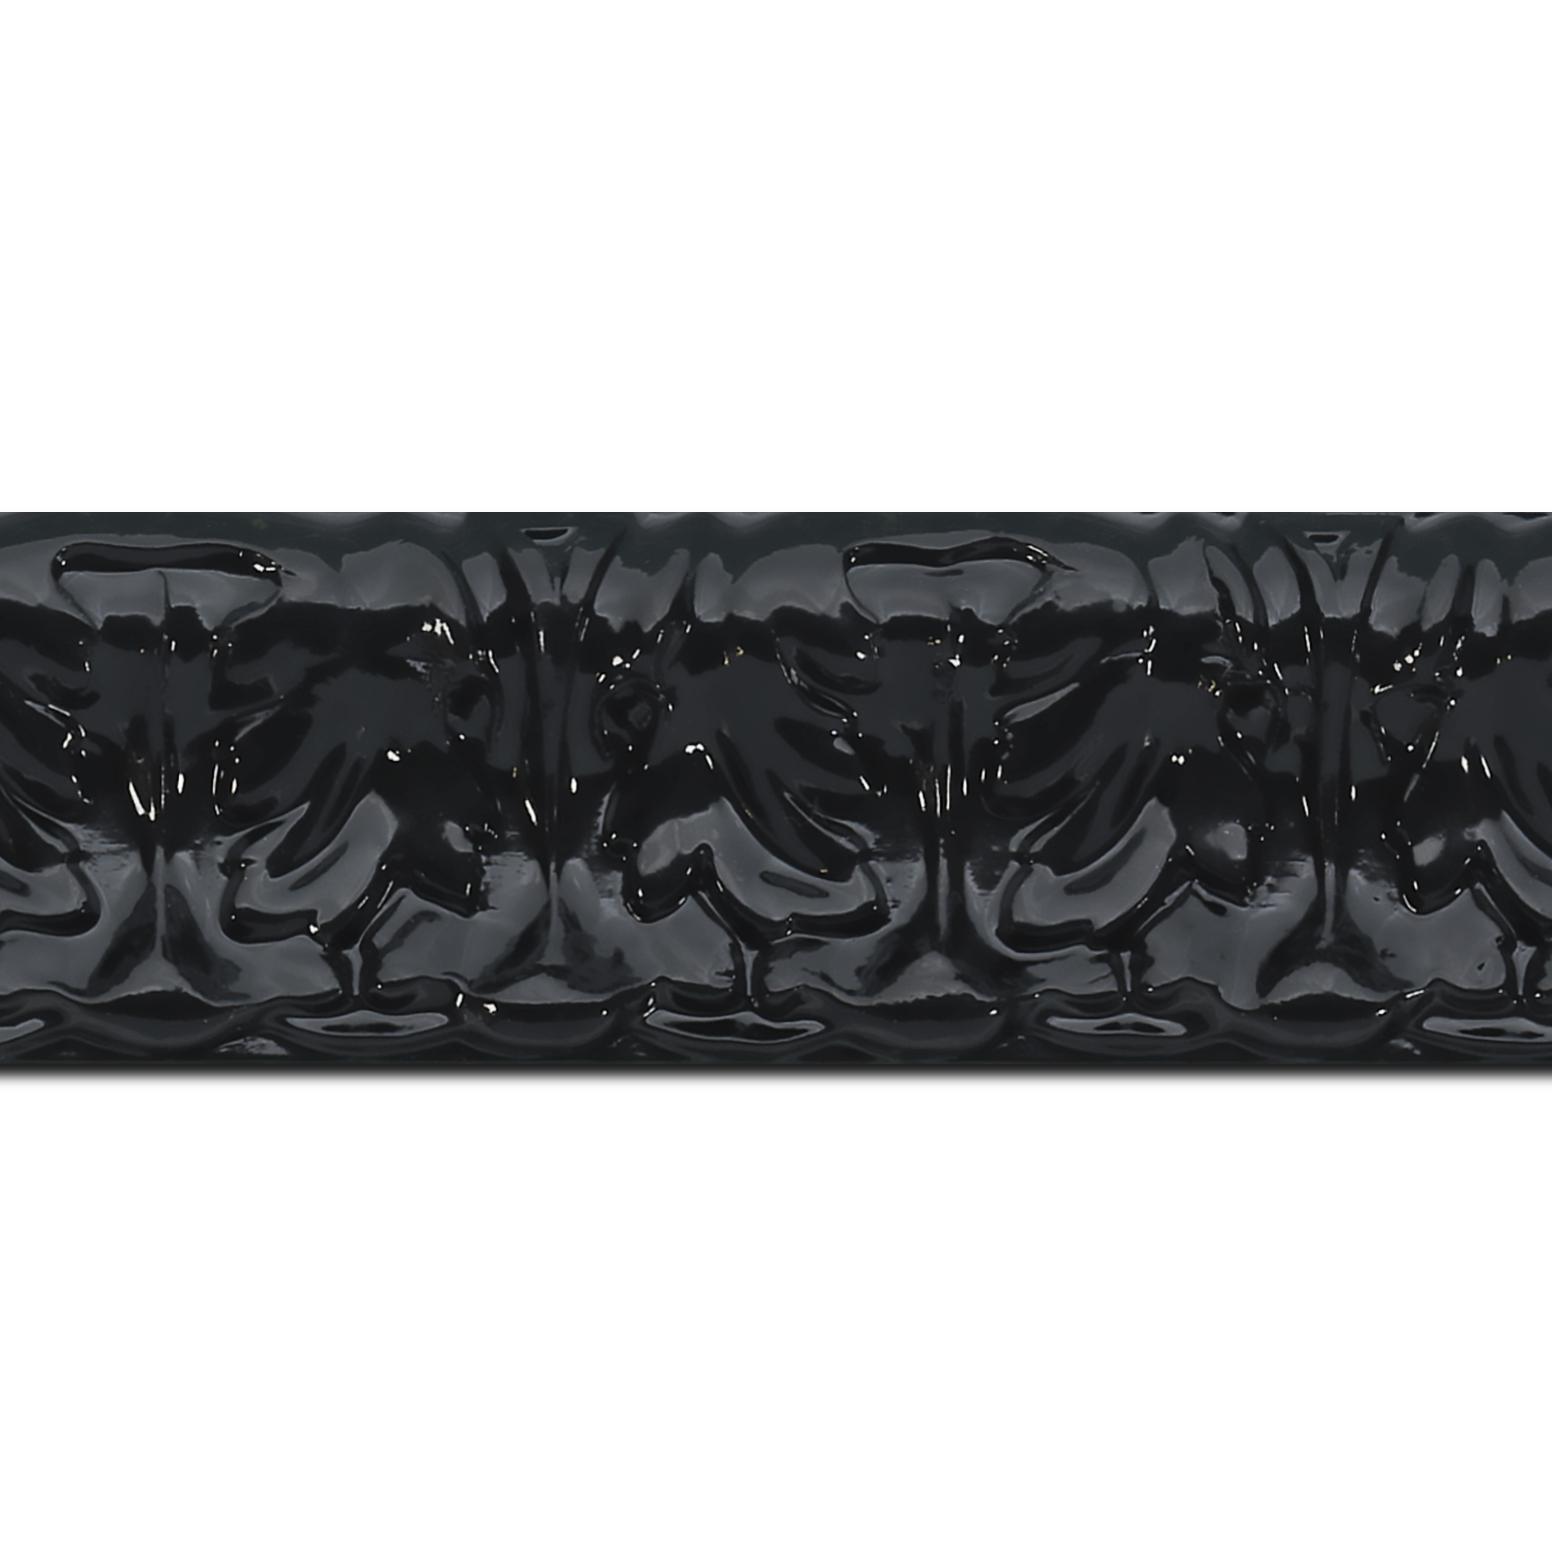 Pack par 12m, bois profil incurvé largeur 5.3cm couleur noir laqué style baroque (longueur baguette pouvant varier entre 2.40m et 3m selon arrivage des bois)